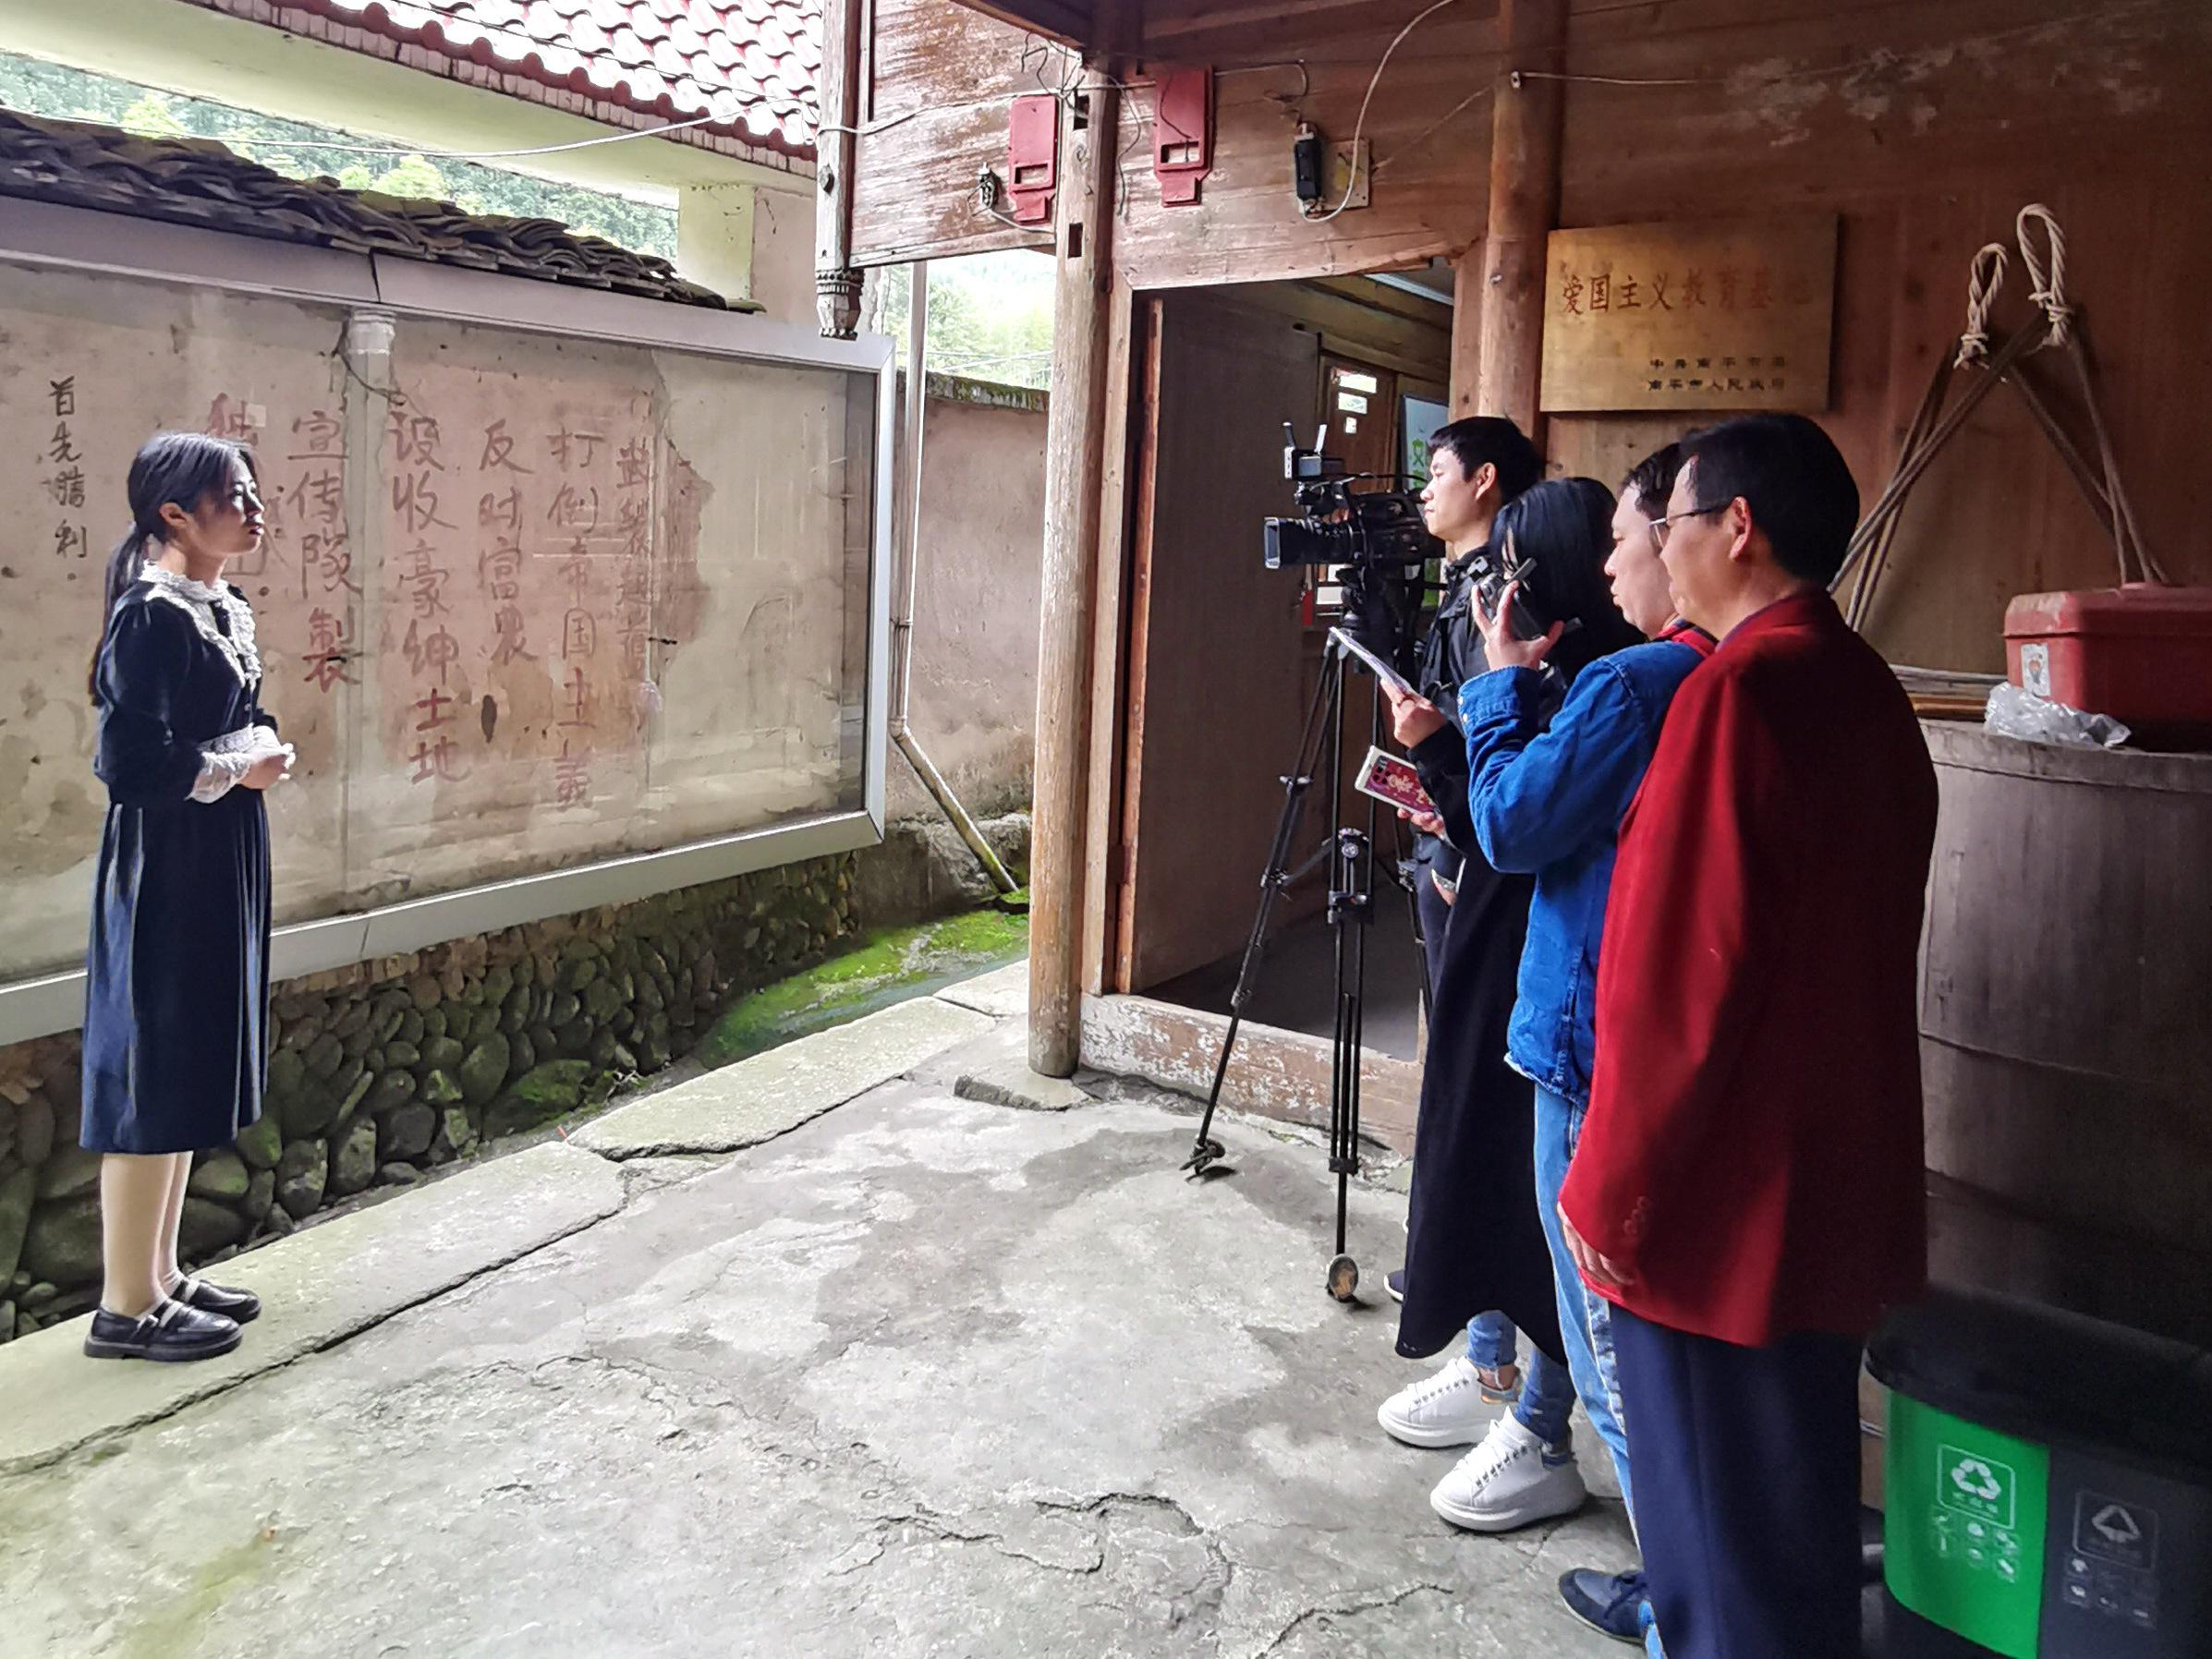 福建浦城县融媒体中心:在党史学习教育中发挥融媒力量